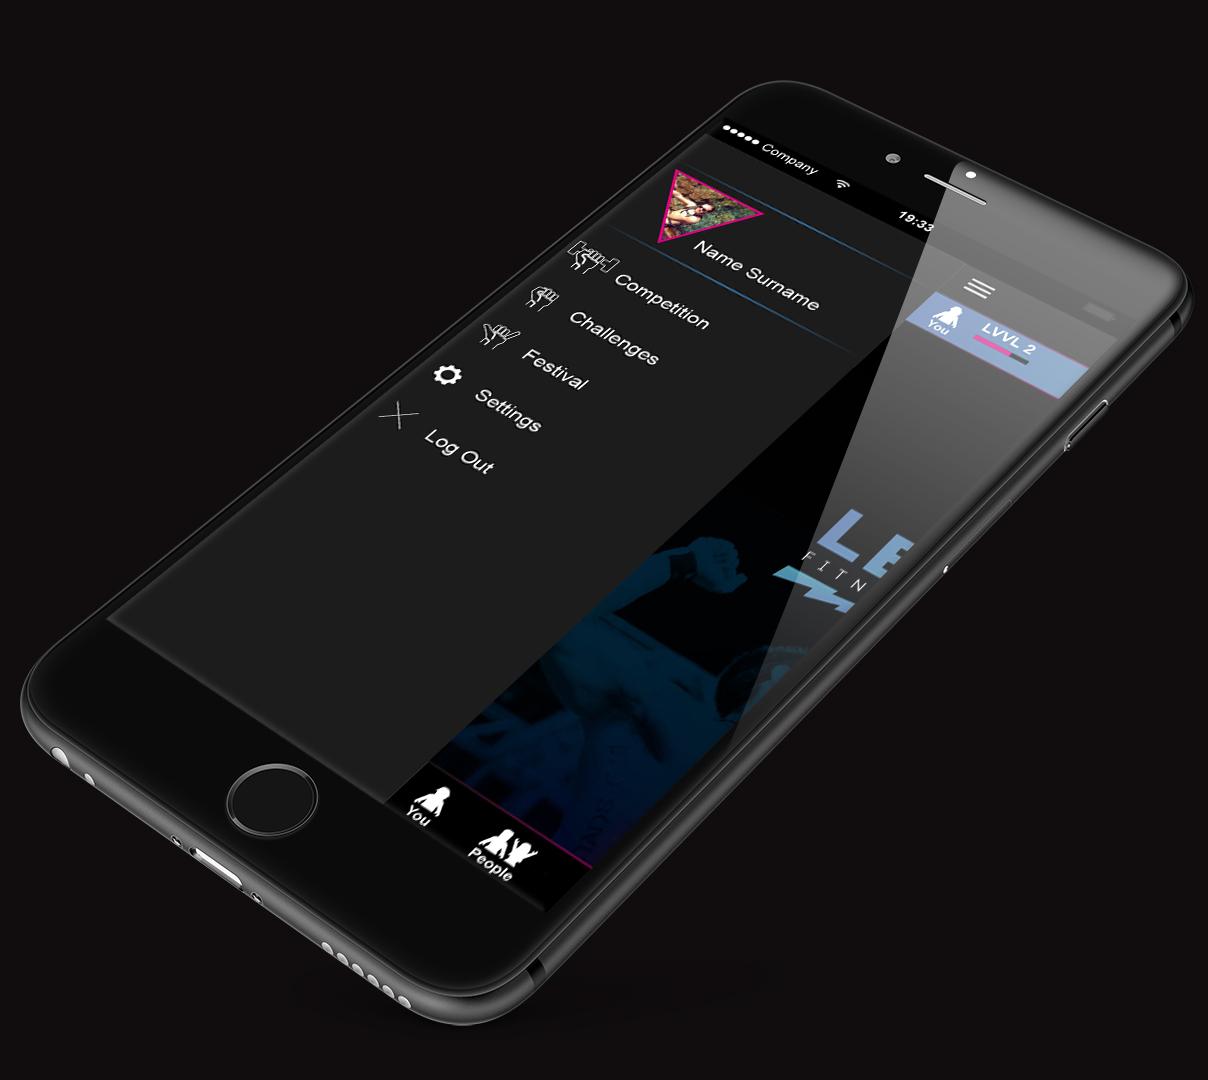 LEVVEL iPhone_app main manu.jpg